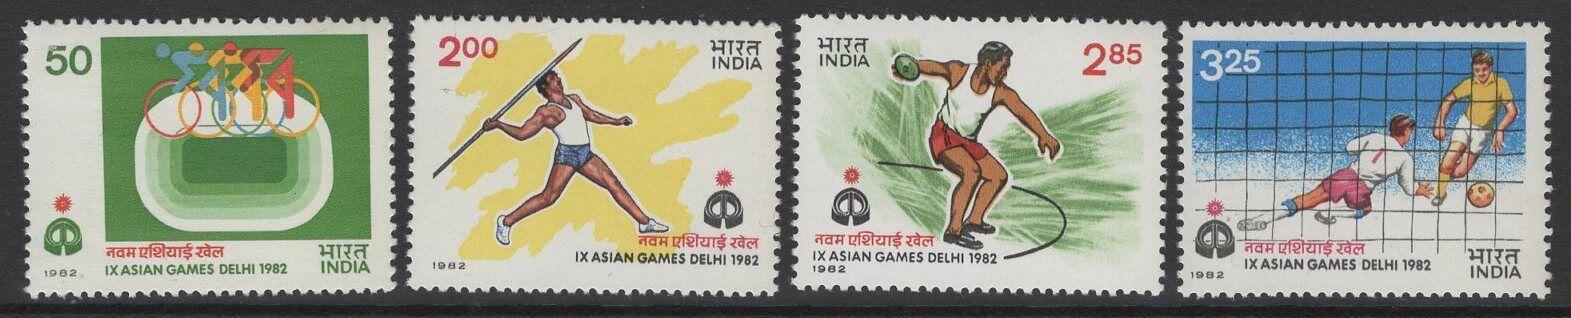 INDIA SG1061/4 1982 ASIAN GAMES MNH